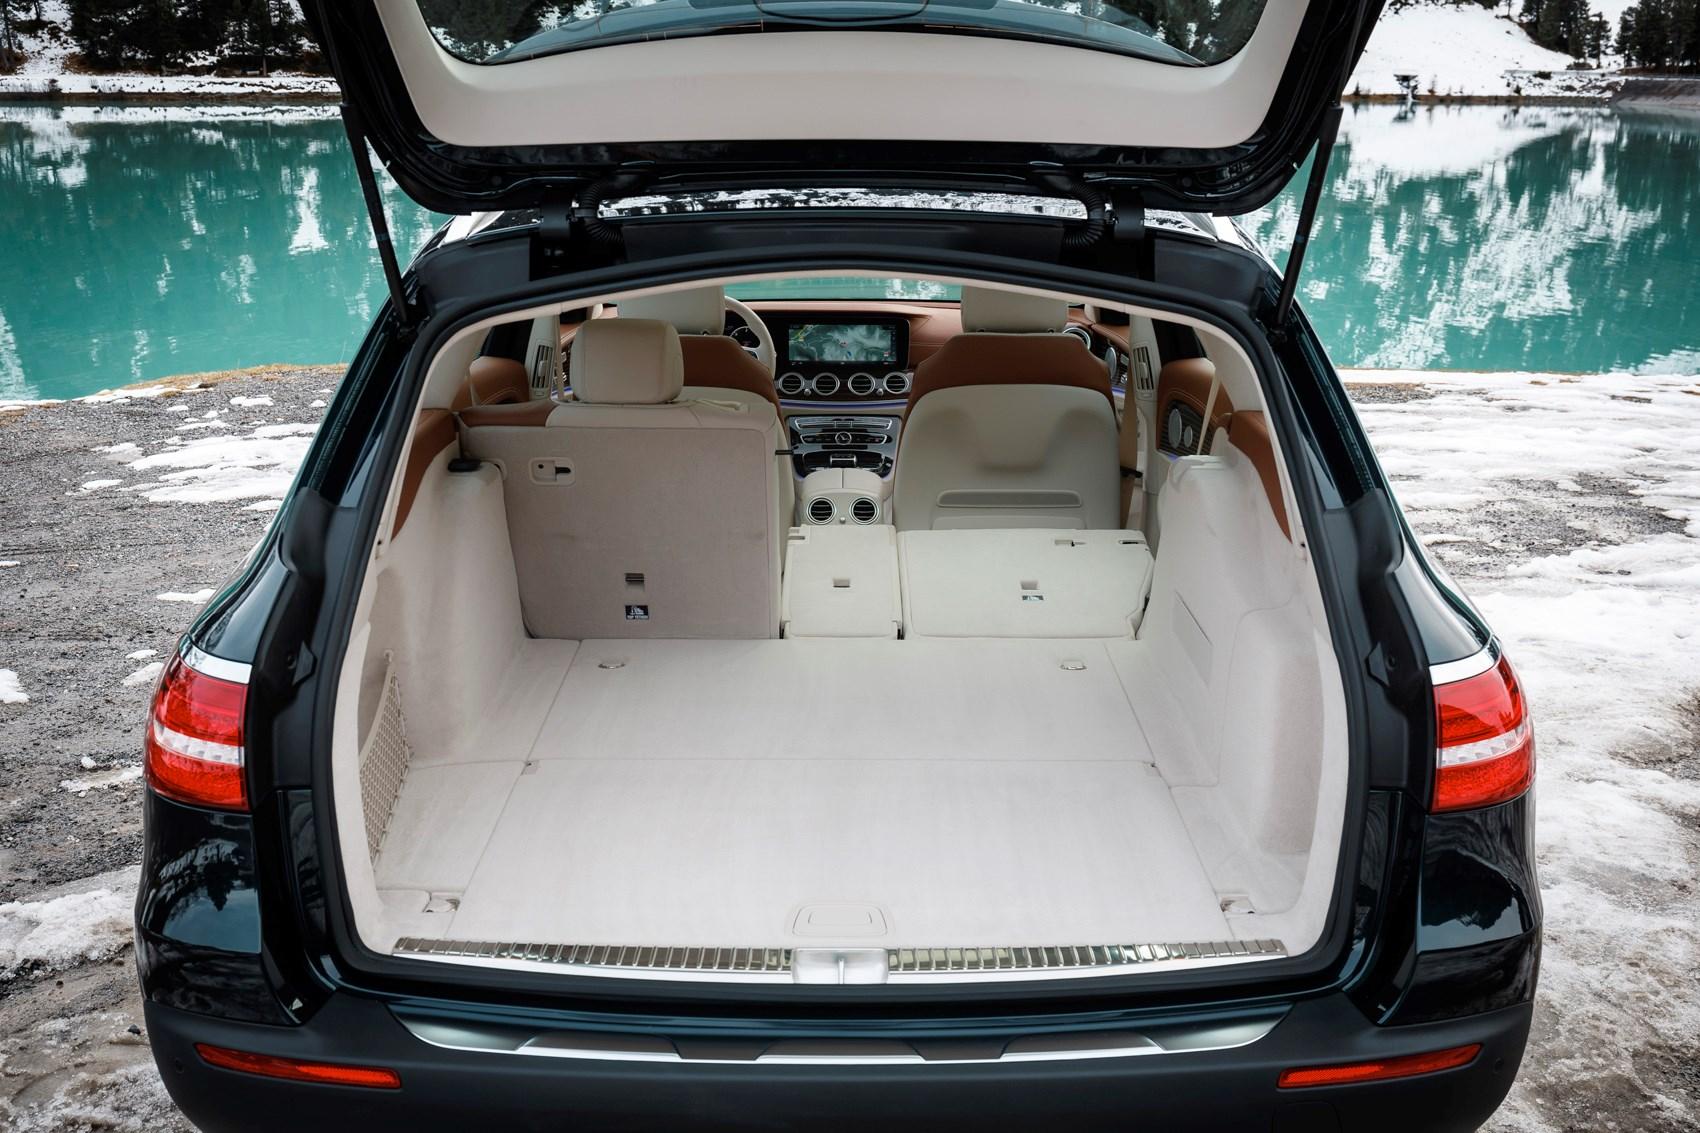 Mercedes benz e class all terrain 2017 features for Mercedes benz e class accessories